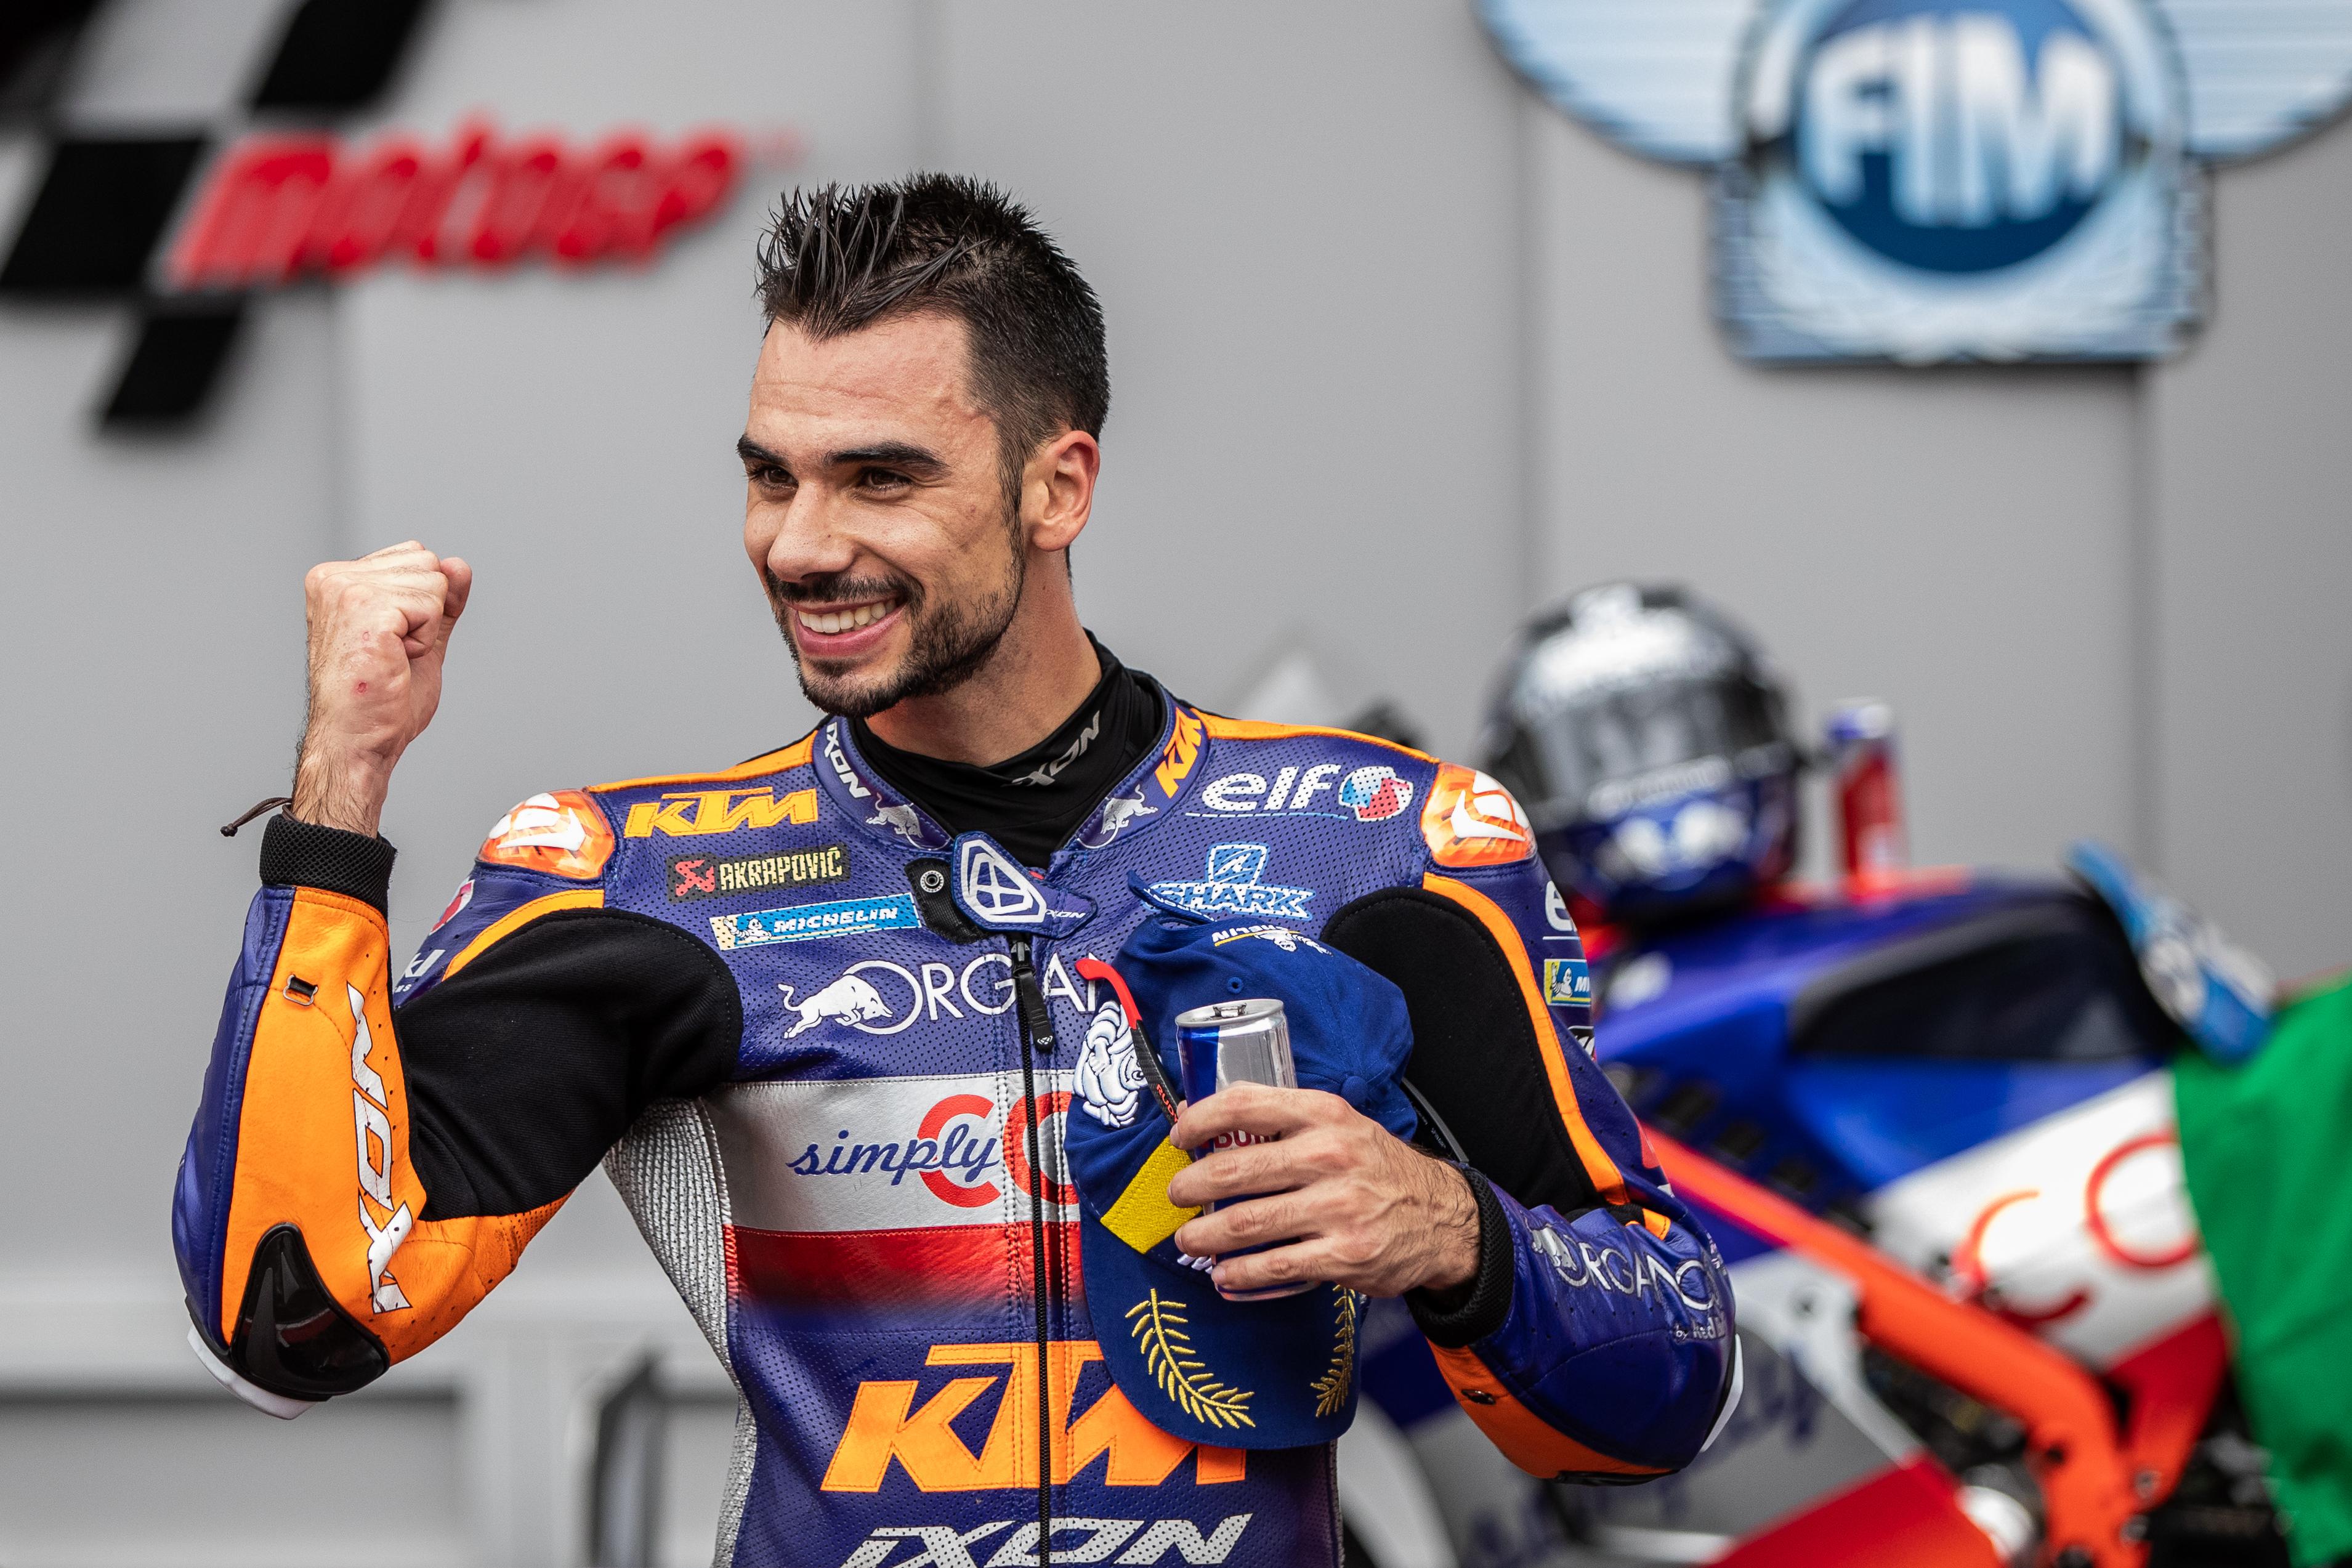 MOTOGP | Miguel Oliveira faz história ao alcançar a primeira vitória no campeonato do mundo de MotoGP 2